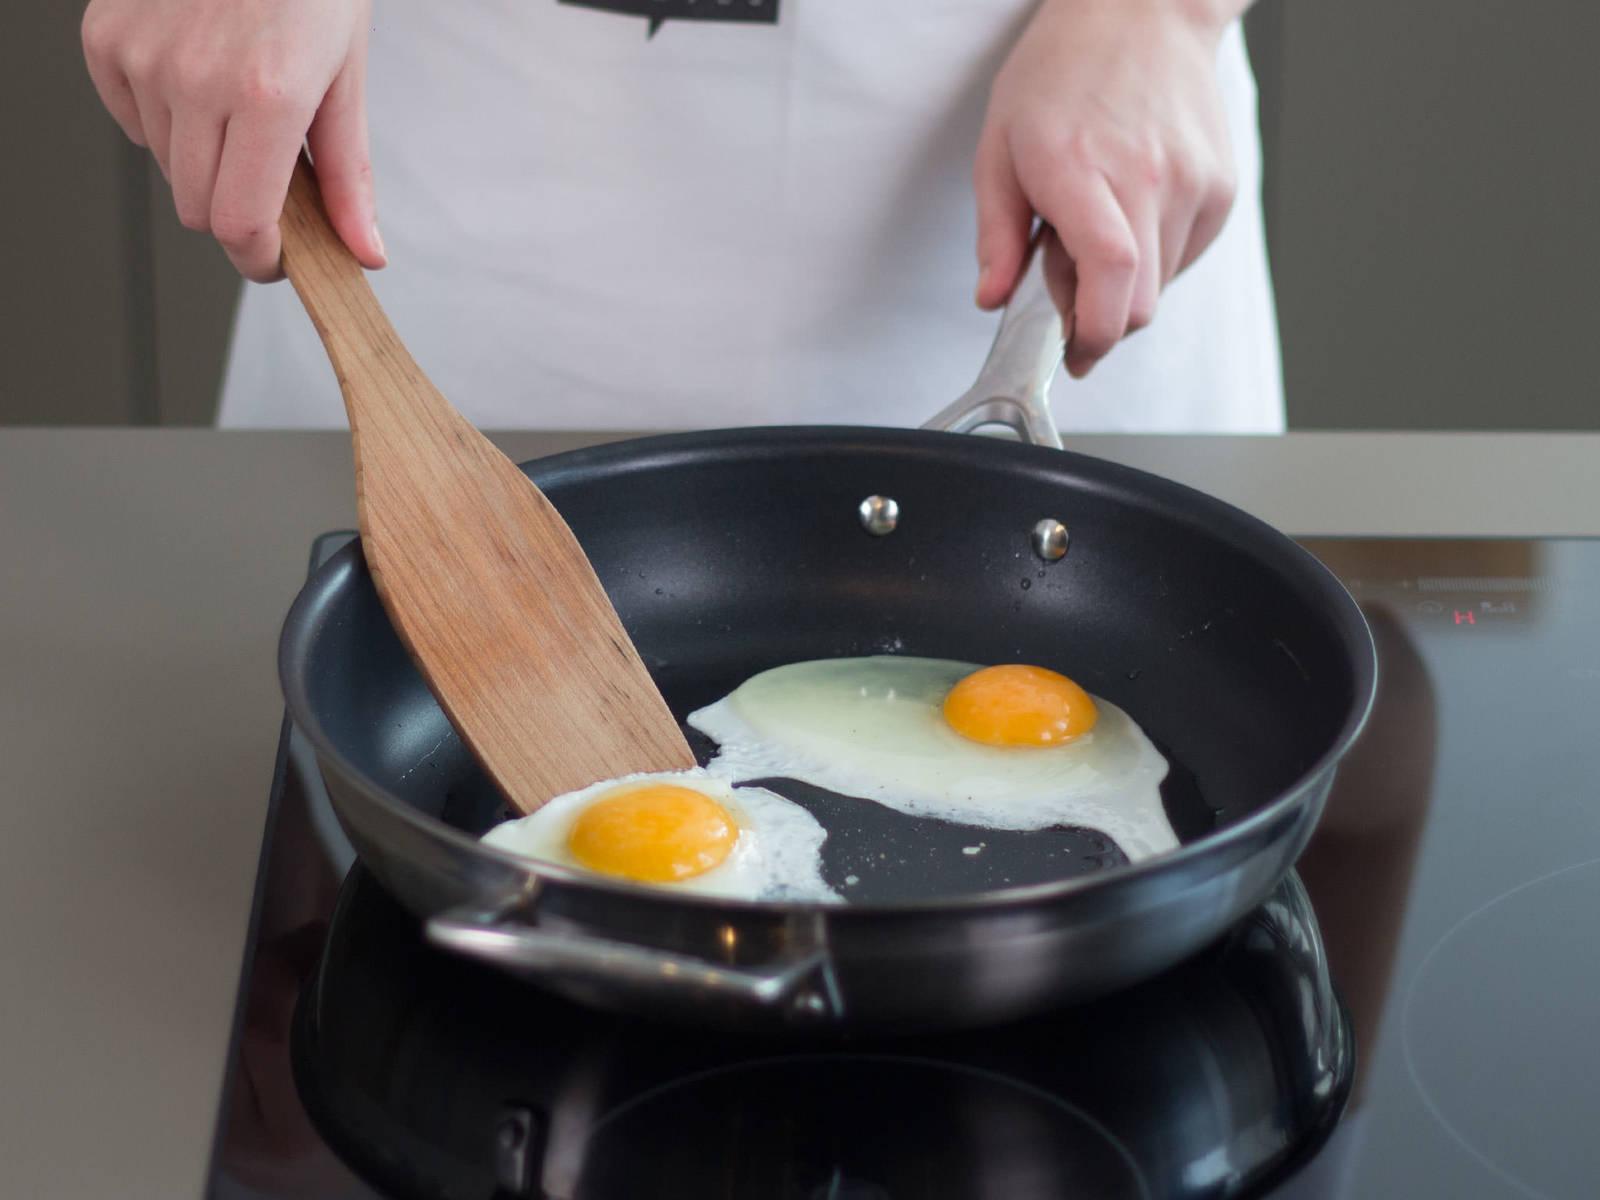 在大煎锅中用中温煎鸡蛋2-3分钟,至蛋清凝固,蛋黄仍呈液态。与此同时,将炒好的蔬菜与牛肉铺放在米饭上。淋上酱汁,最后放上煎蛋,饰以香菜。可根据个人需要,搭配剩余酱汁或韩式泡菜享用。